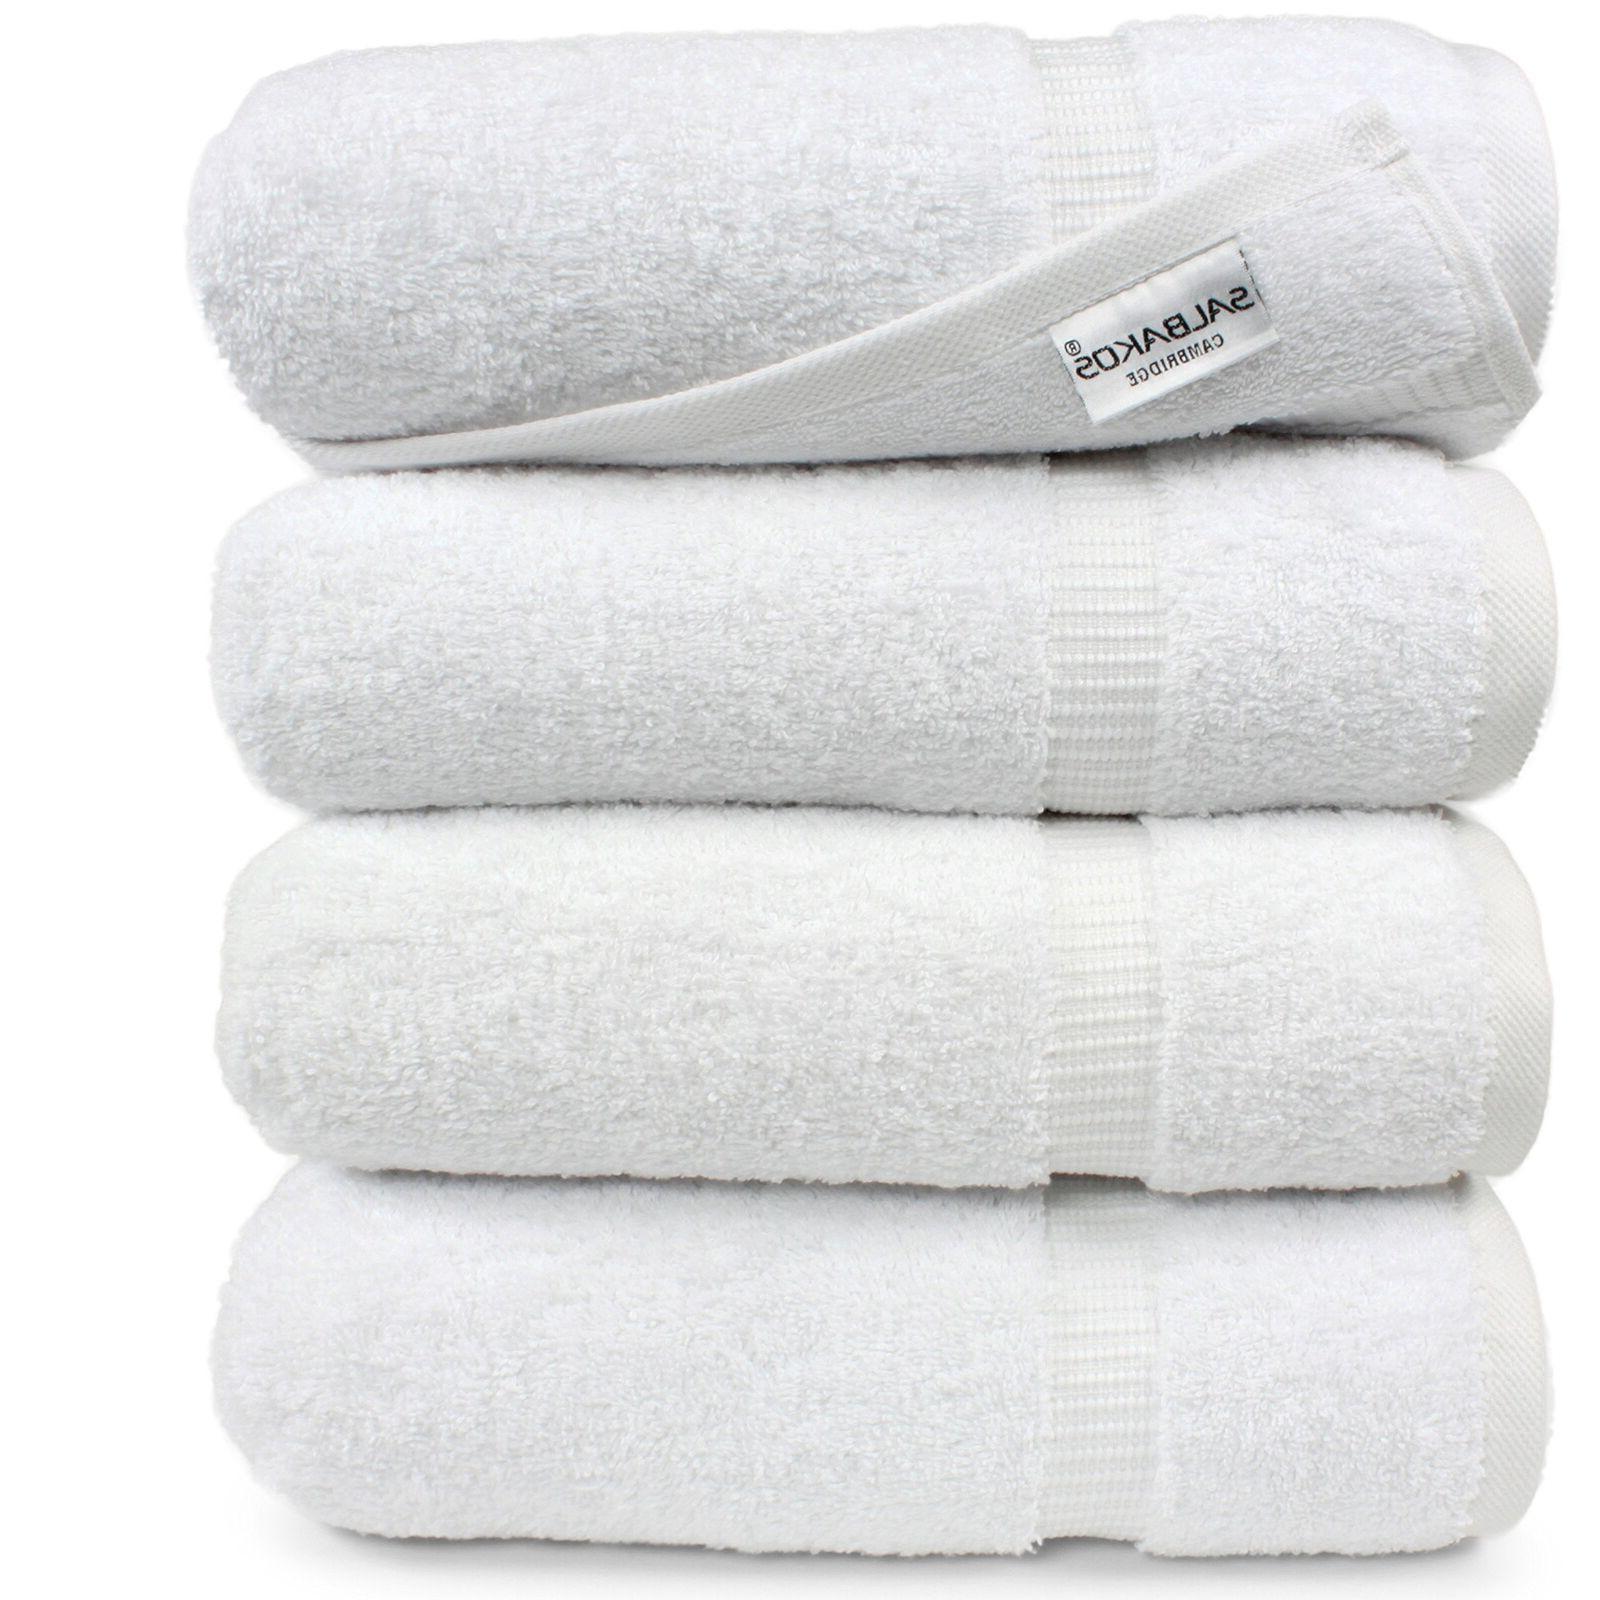 SALBAKOS Luxury Hotel & Spa Turkish Cotton 4-Piece Eco-Frien